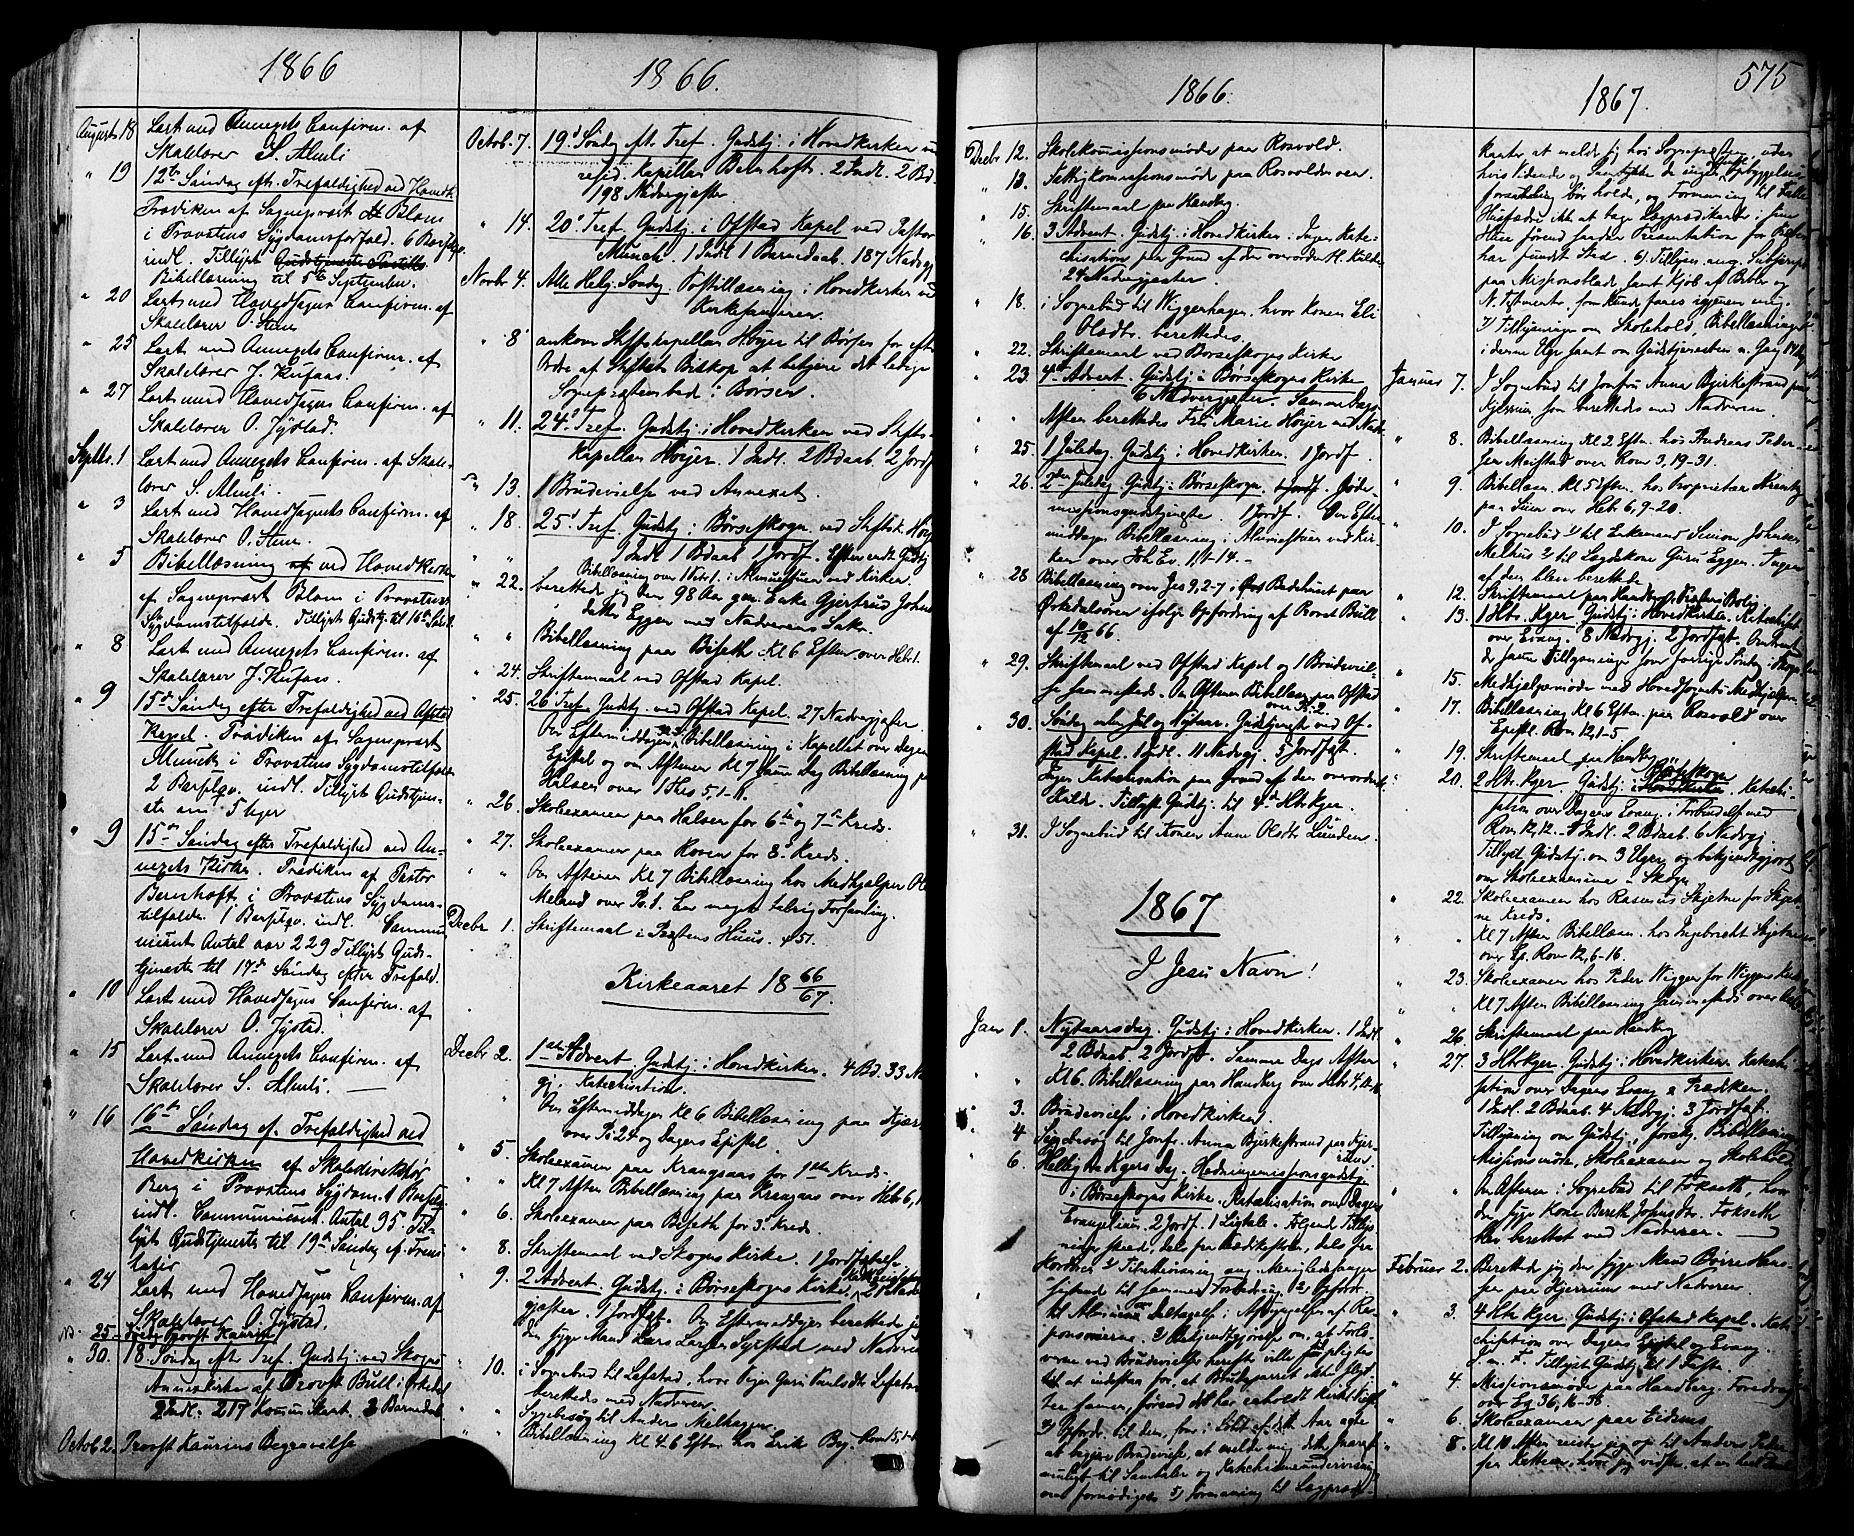 SAT, Ministerialprotokoller, klokkerbøker og fødselsregistre - Sør-Trøndelag, 665/L0772: Ministerialbok nr. 665A07, 1856-1878, s. 575